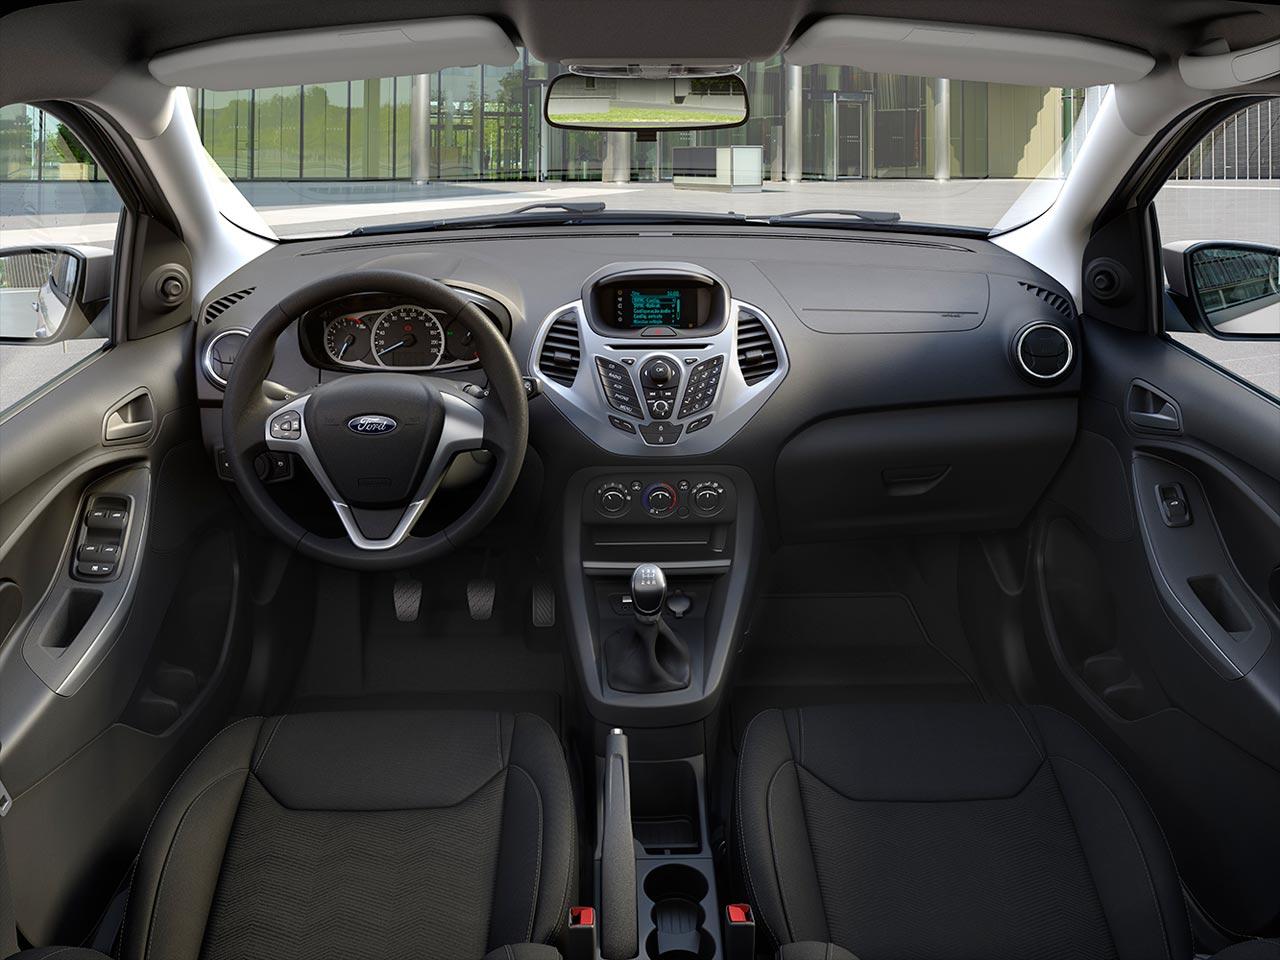 El ford ka lleg a la argentina mega autos - Interior ford ka ...